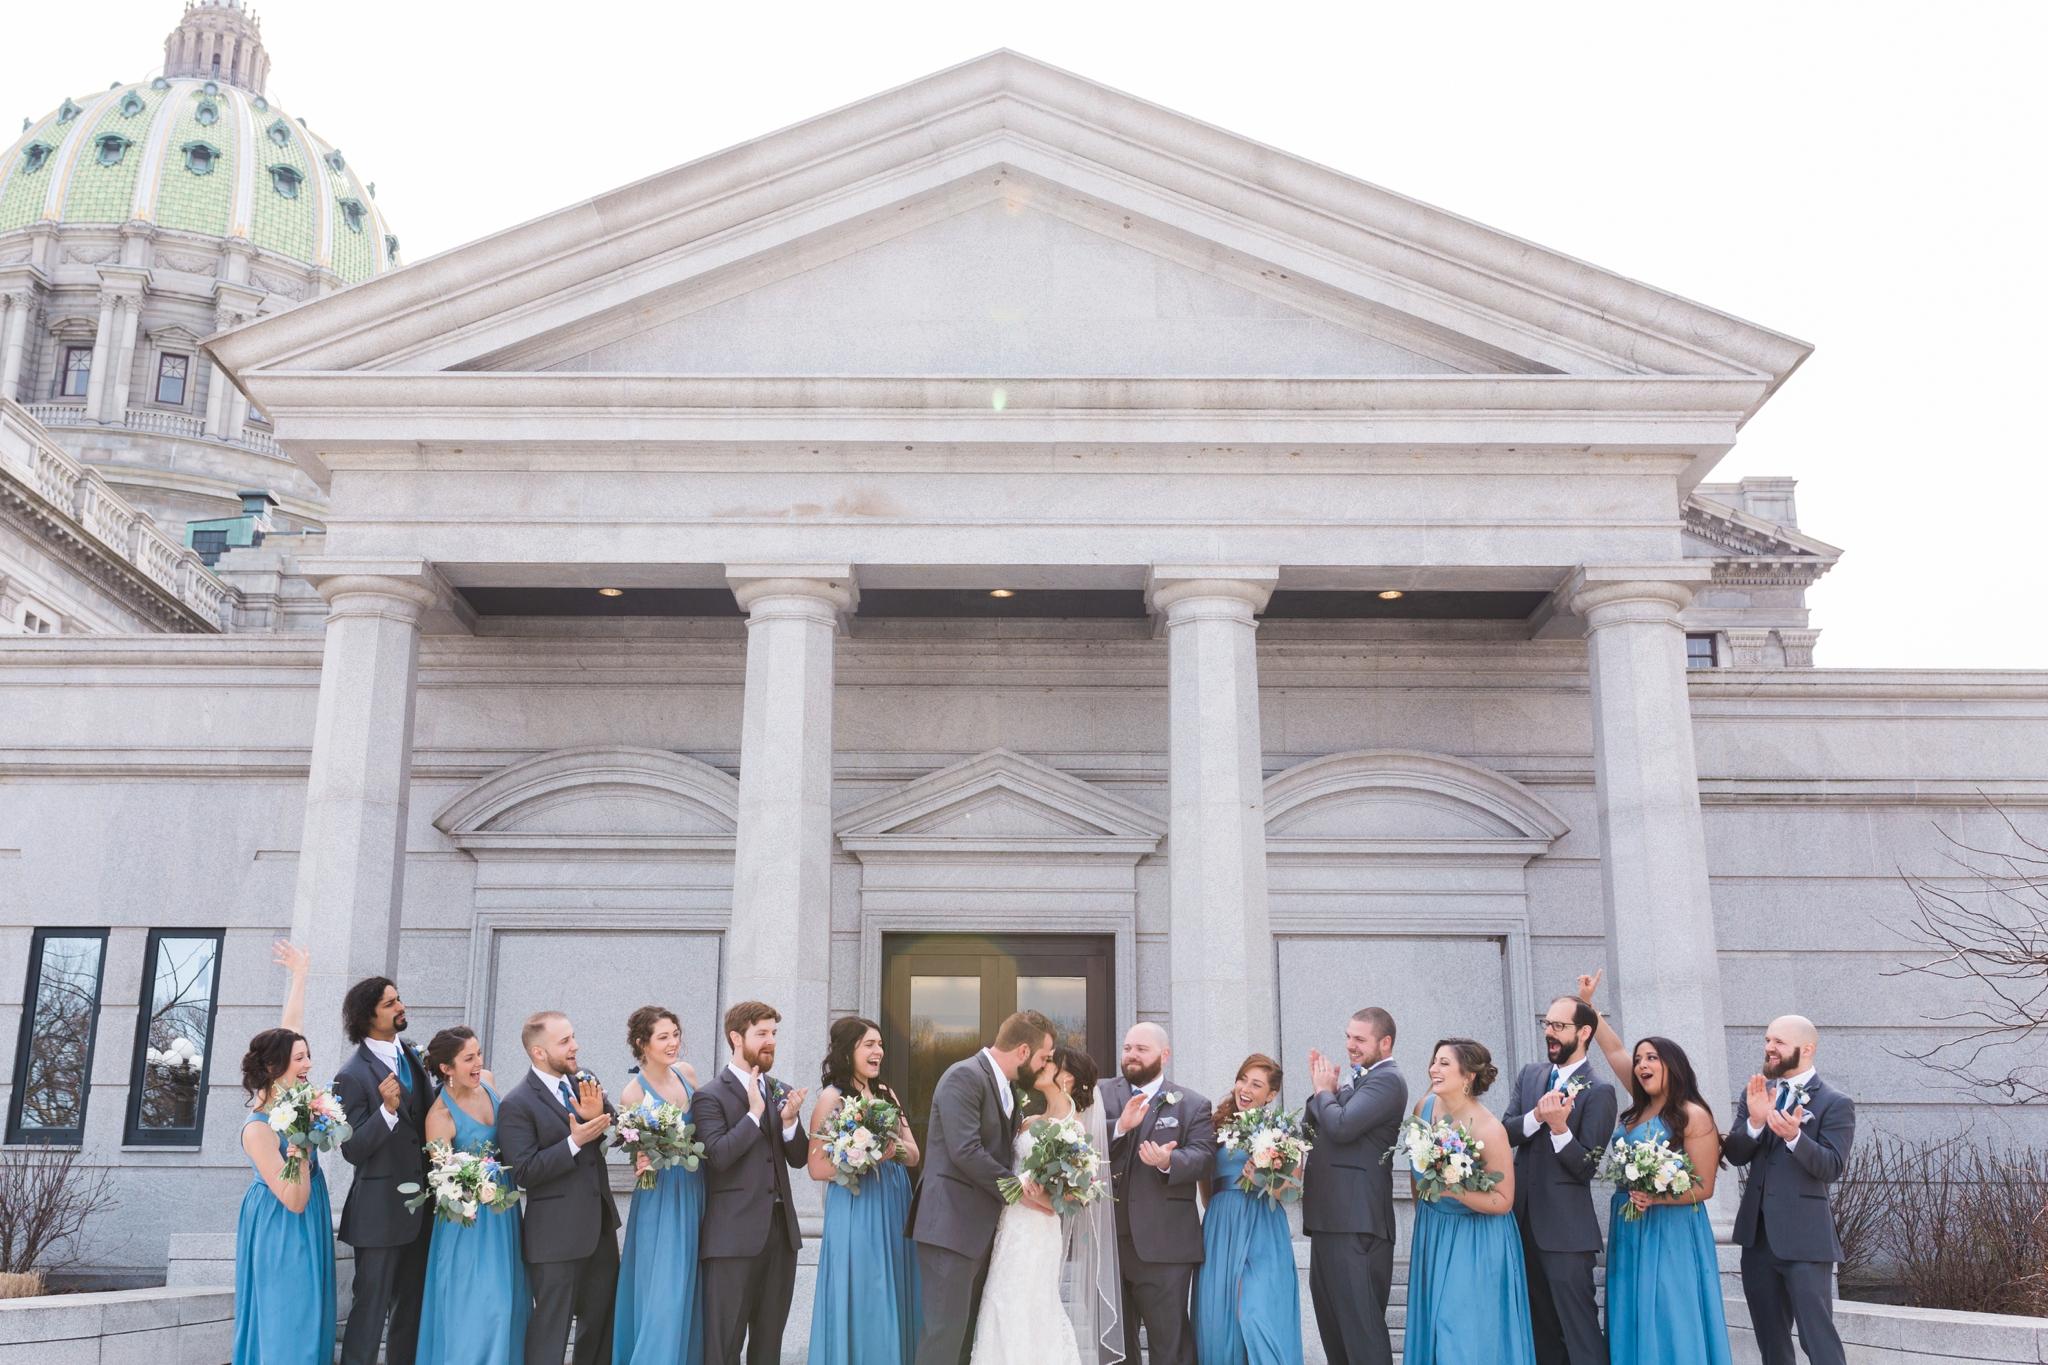 Emily Grace Photography, Harrisburg Wedding Photographer, Harrisburg Capitol Rotunda Wedding